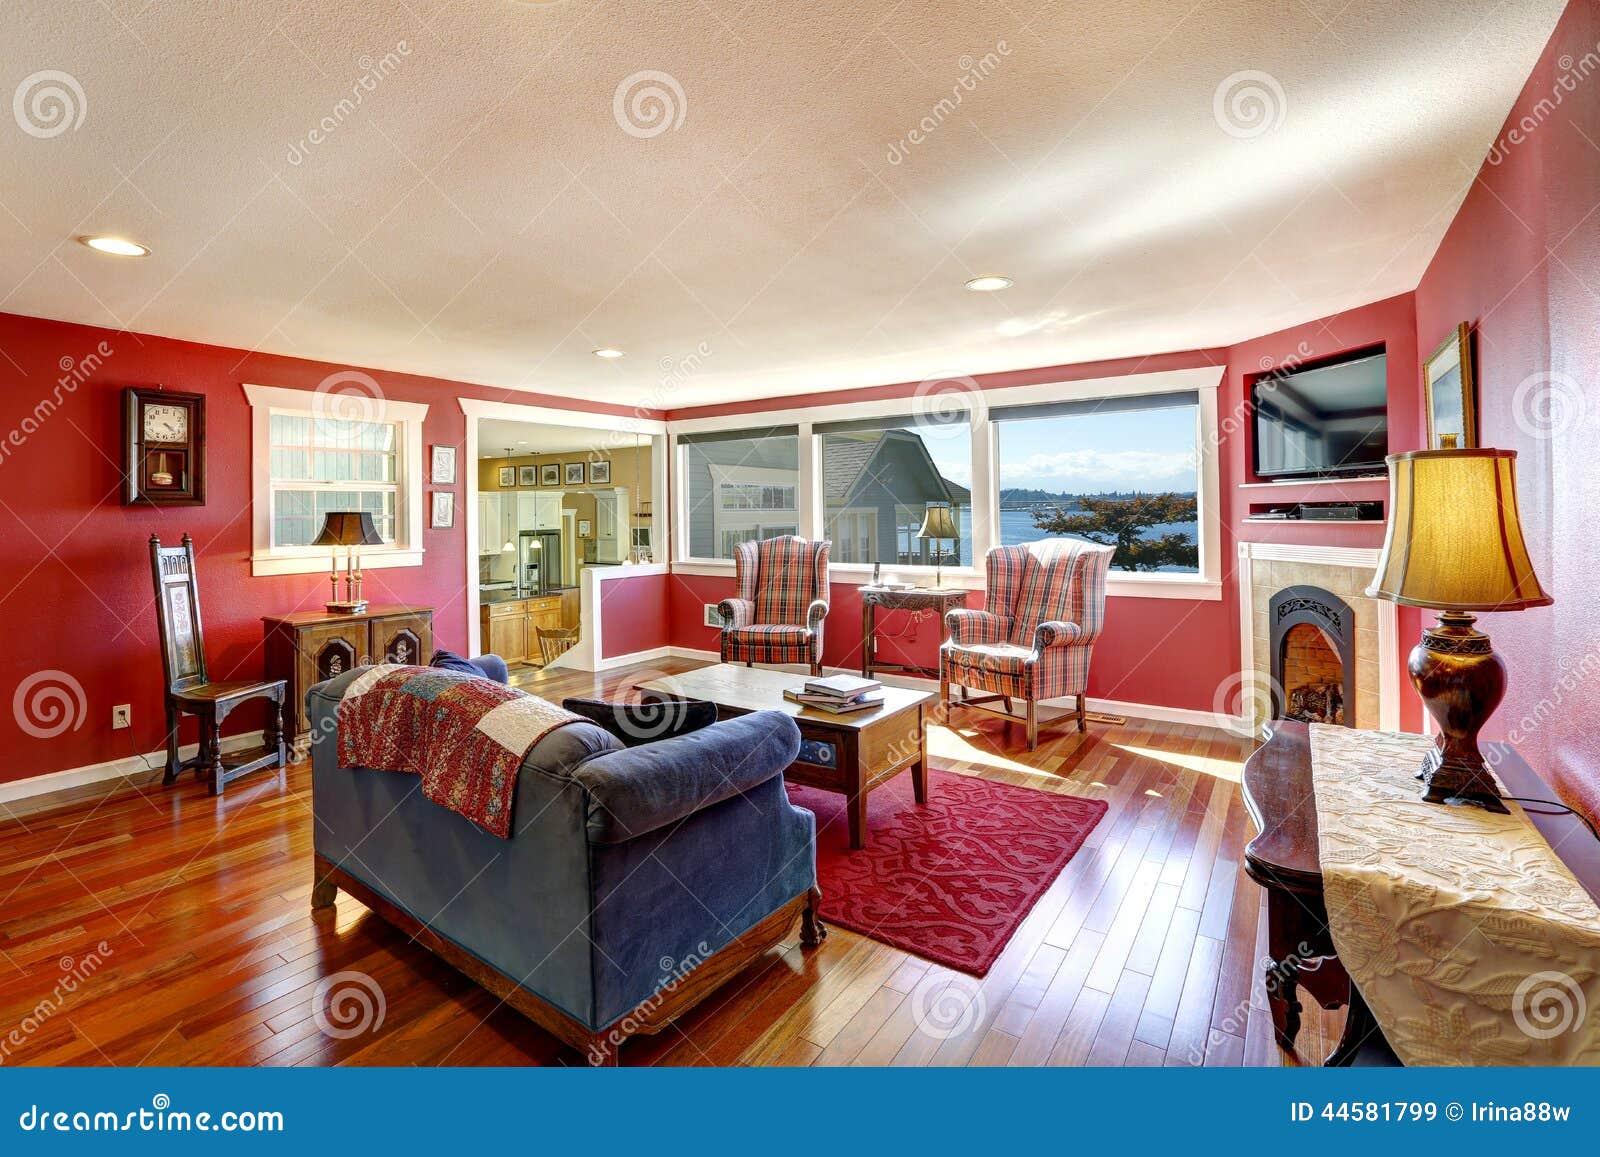 Sitio rojo del contraste brillante con muebles antiguos y el suelo de